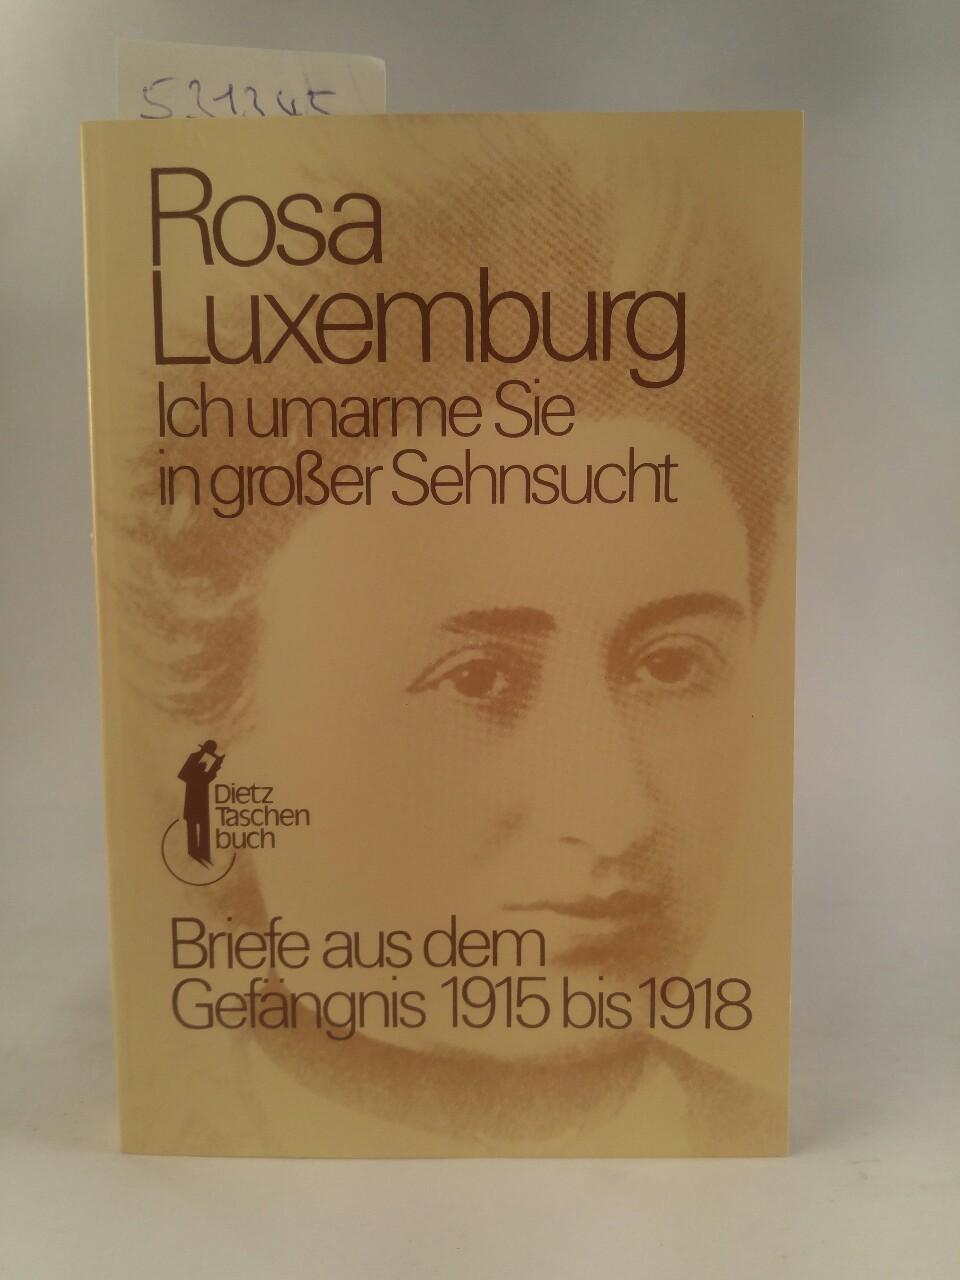 Rosa Luxemburg Ich umarme Sie in großer Sehnsucht.[Neubuch] Briefe aus dem Gefängnis 1915-1918 / Dietz Taschenbücher, Bd.7, - Luxemburg, Rosa und Ito Narihiko